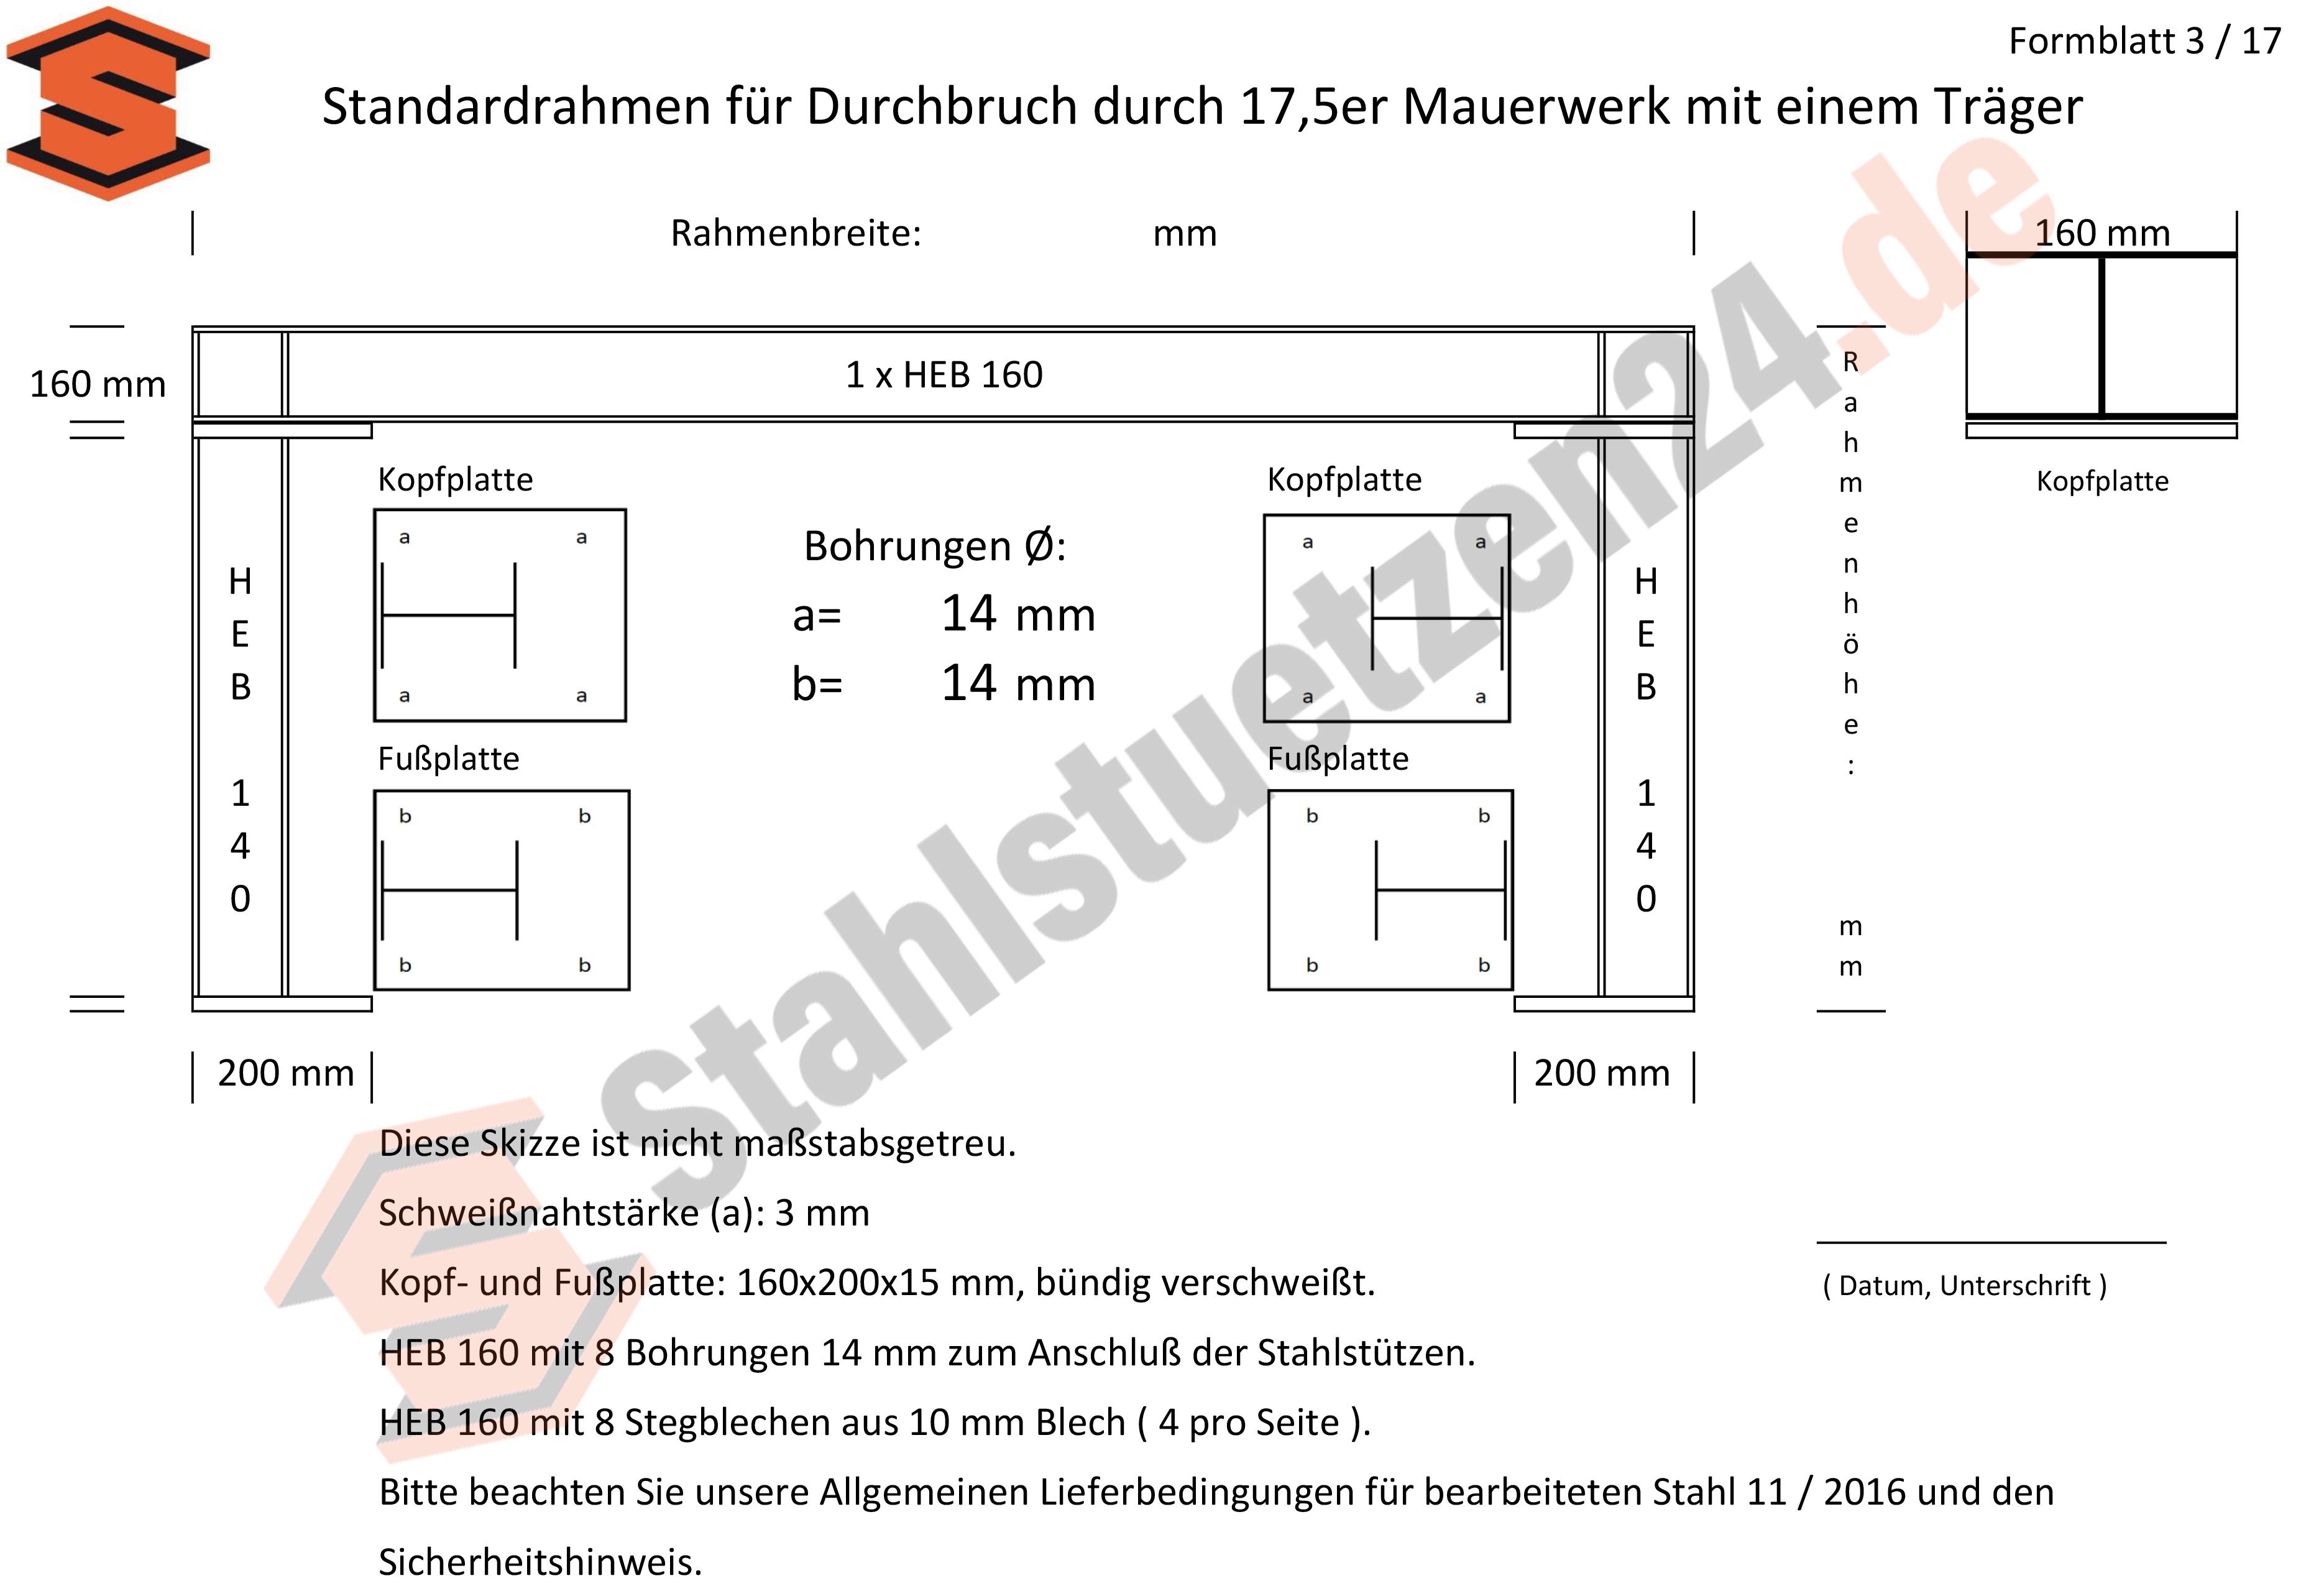 Konstruktionshilfe - Standardrahmen durch 17,5er Mauerwerk mit einem Träger